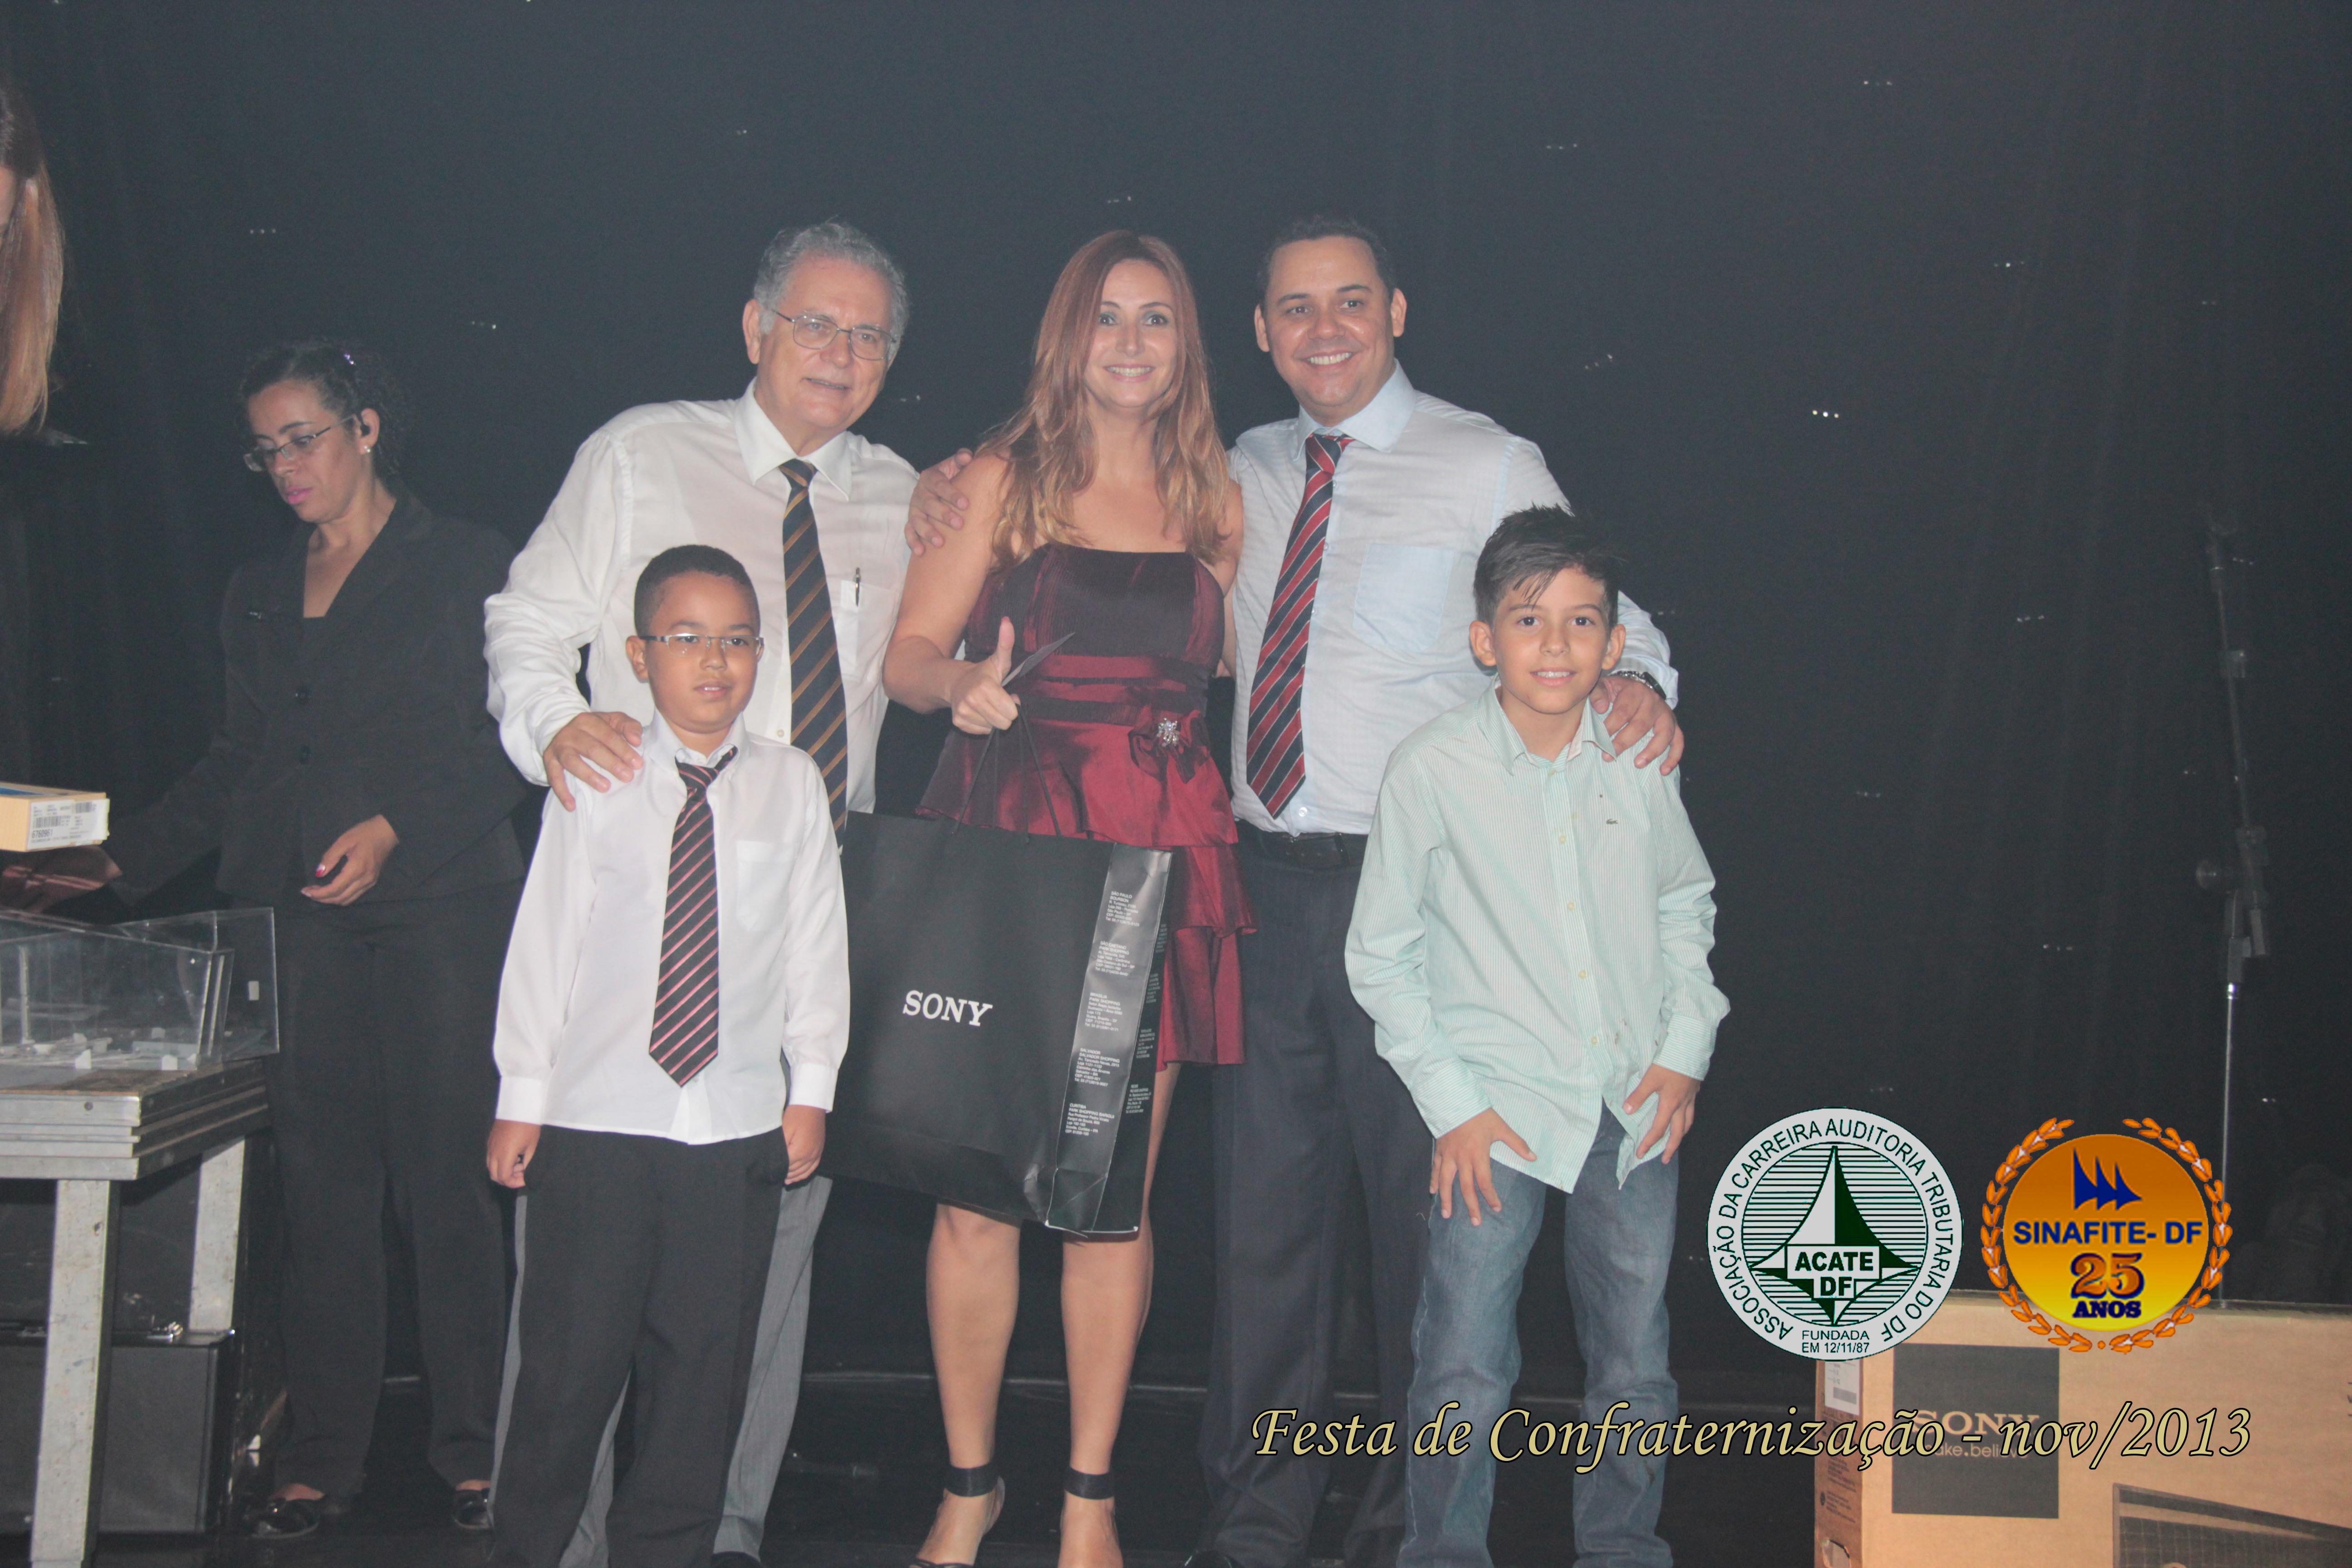 Festa de Confraternização 2013